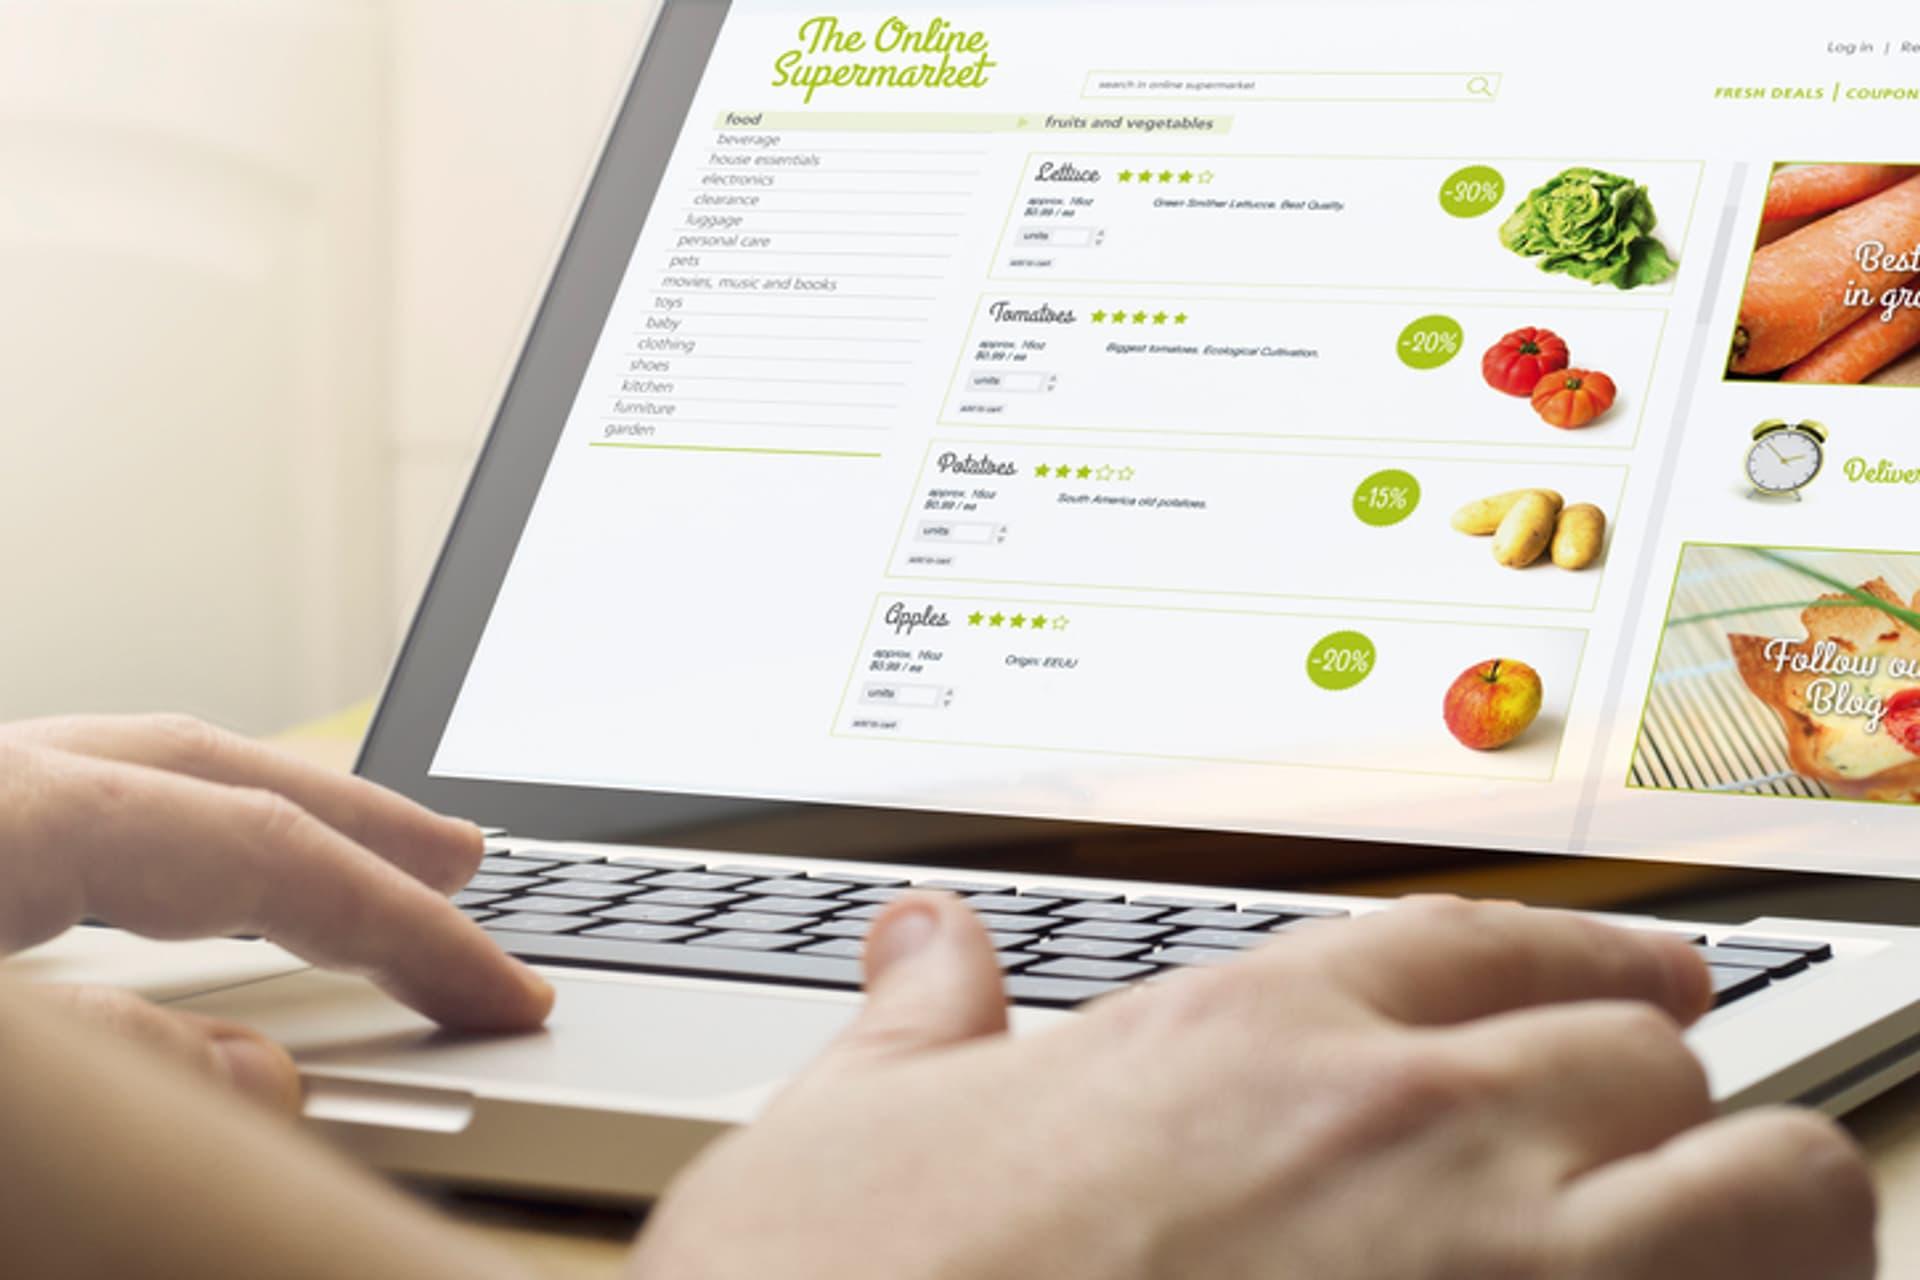 Onlinehandel, Lebensmittel, Onlineshop